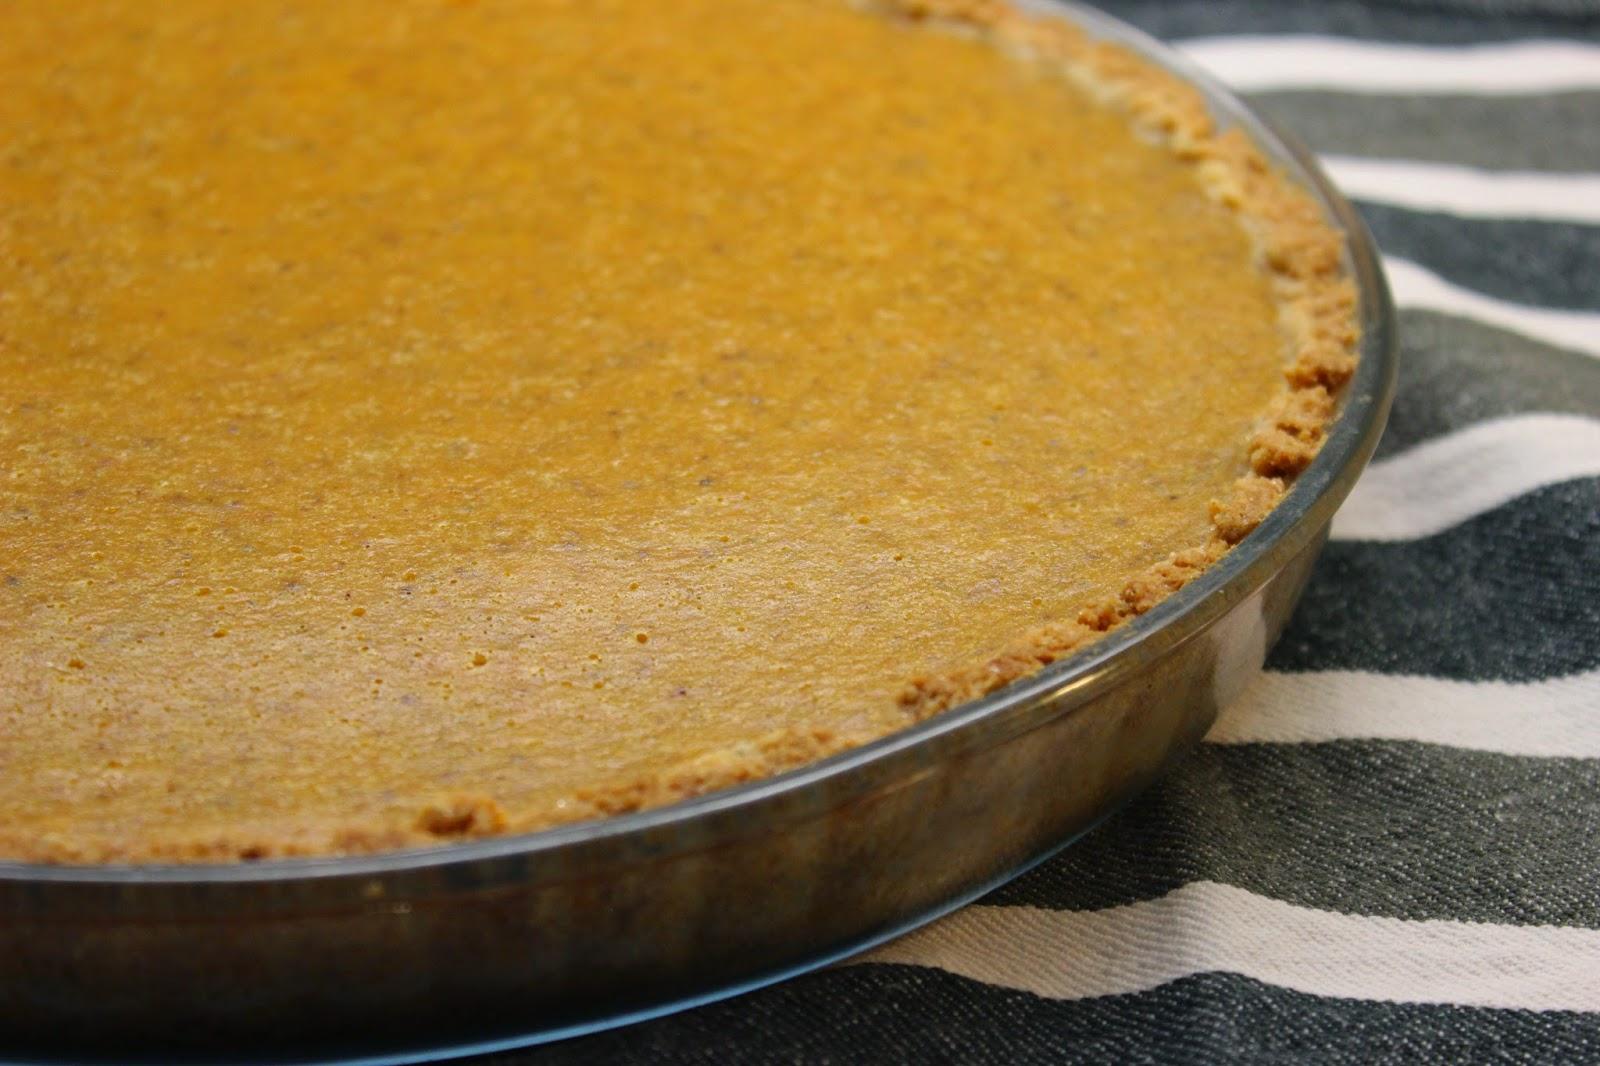 Kuukauden kasvis - kurpitsa: Pumpkin Pie